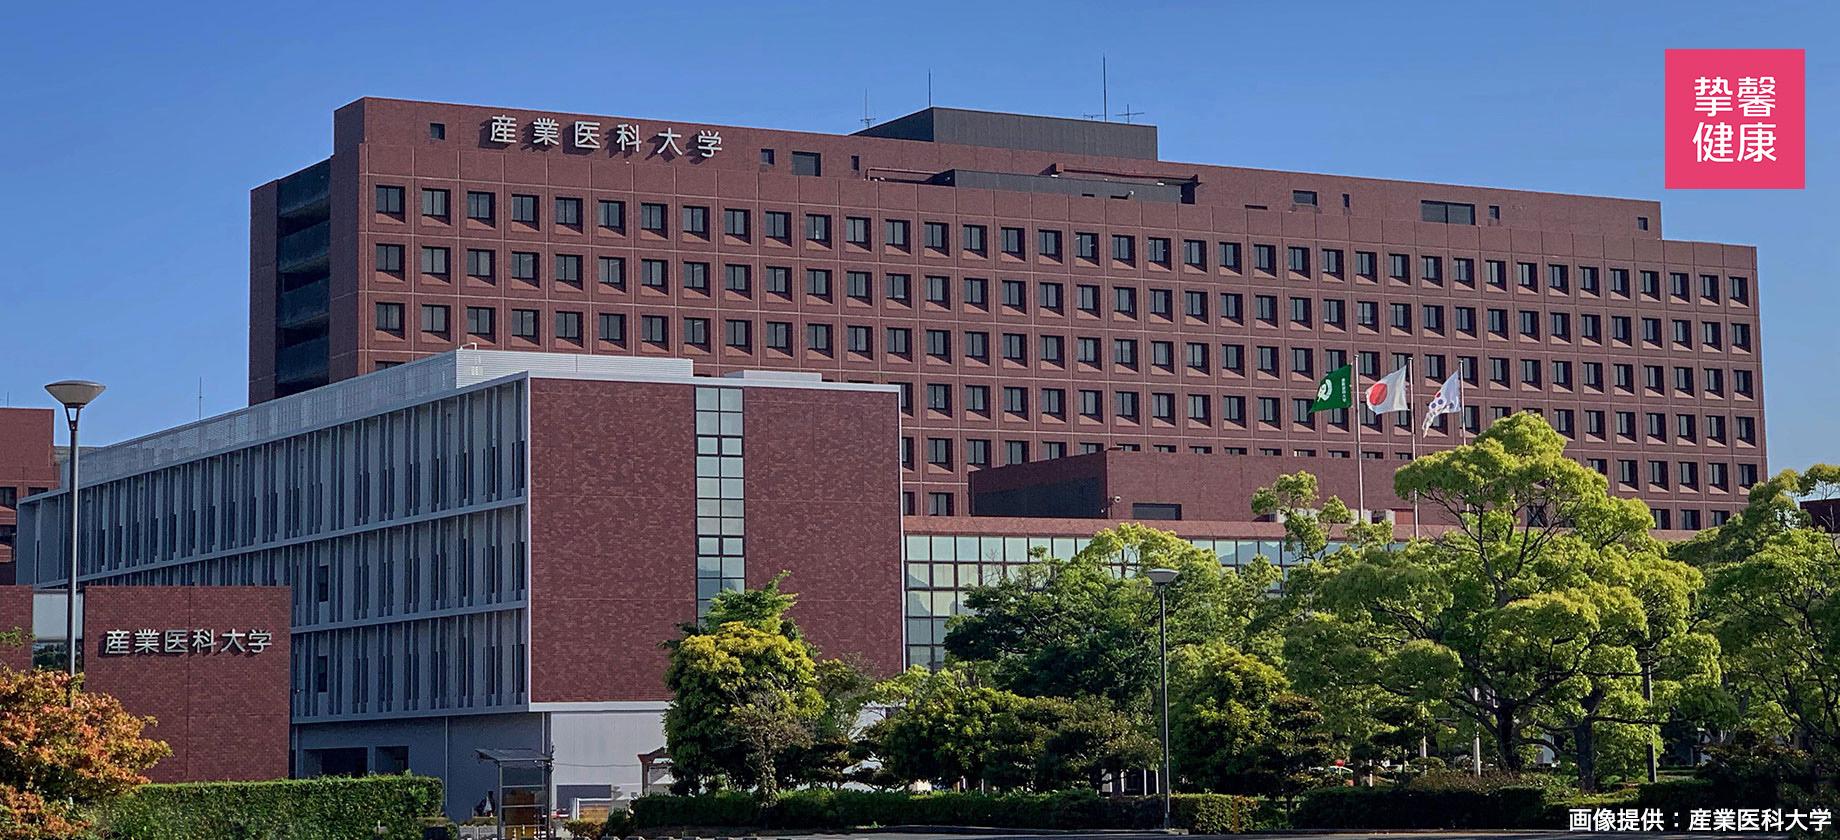 产业医科大学病院 外观